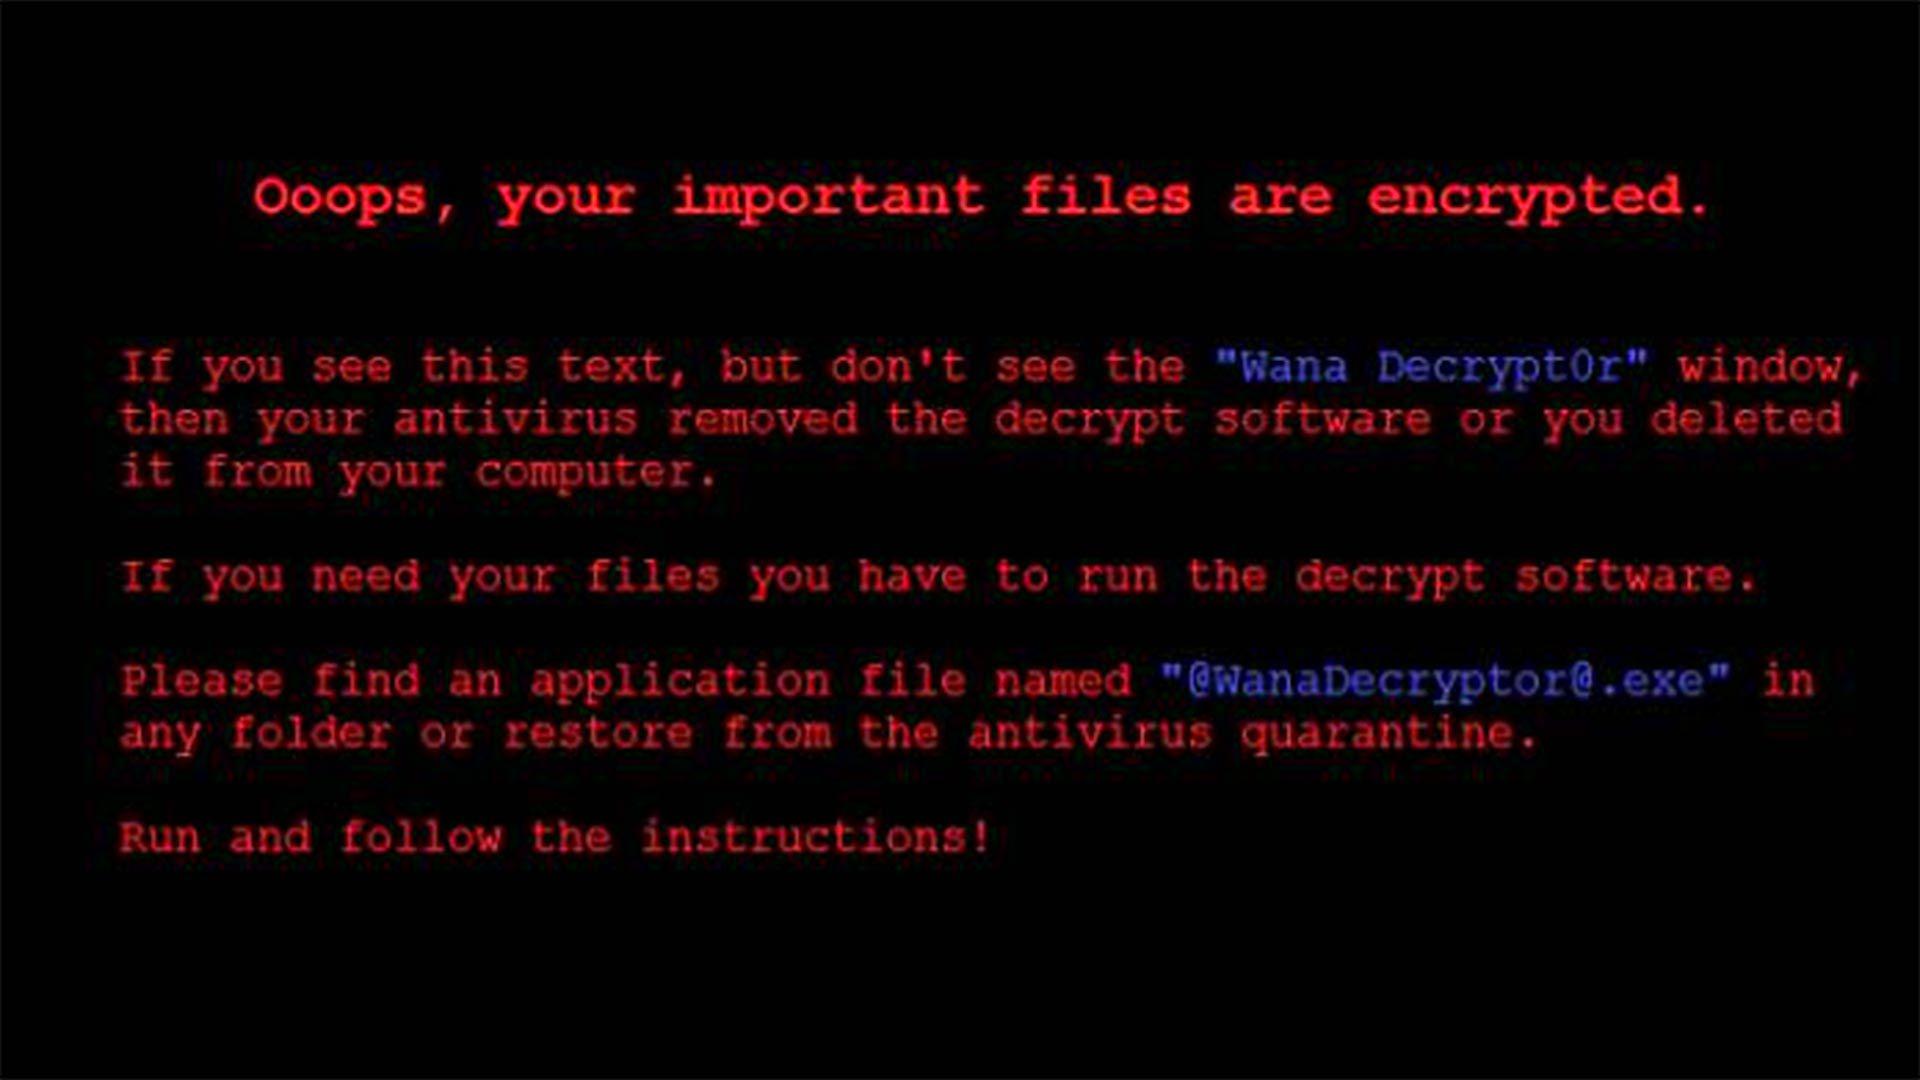 """""""Europa del Este también es número uno en el mundo en el uso ilícito de criptomoneda en los mercados de la web oscura y en las operaciones de ransomware"""", dijo el informe."""